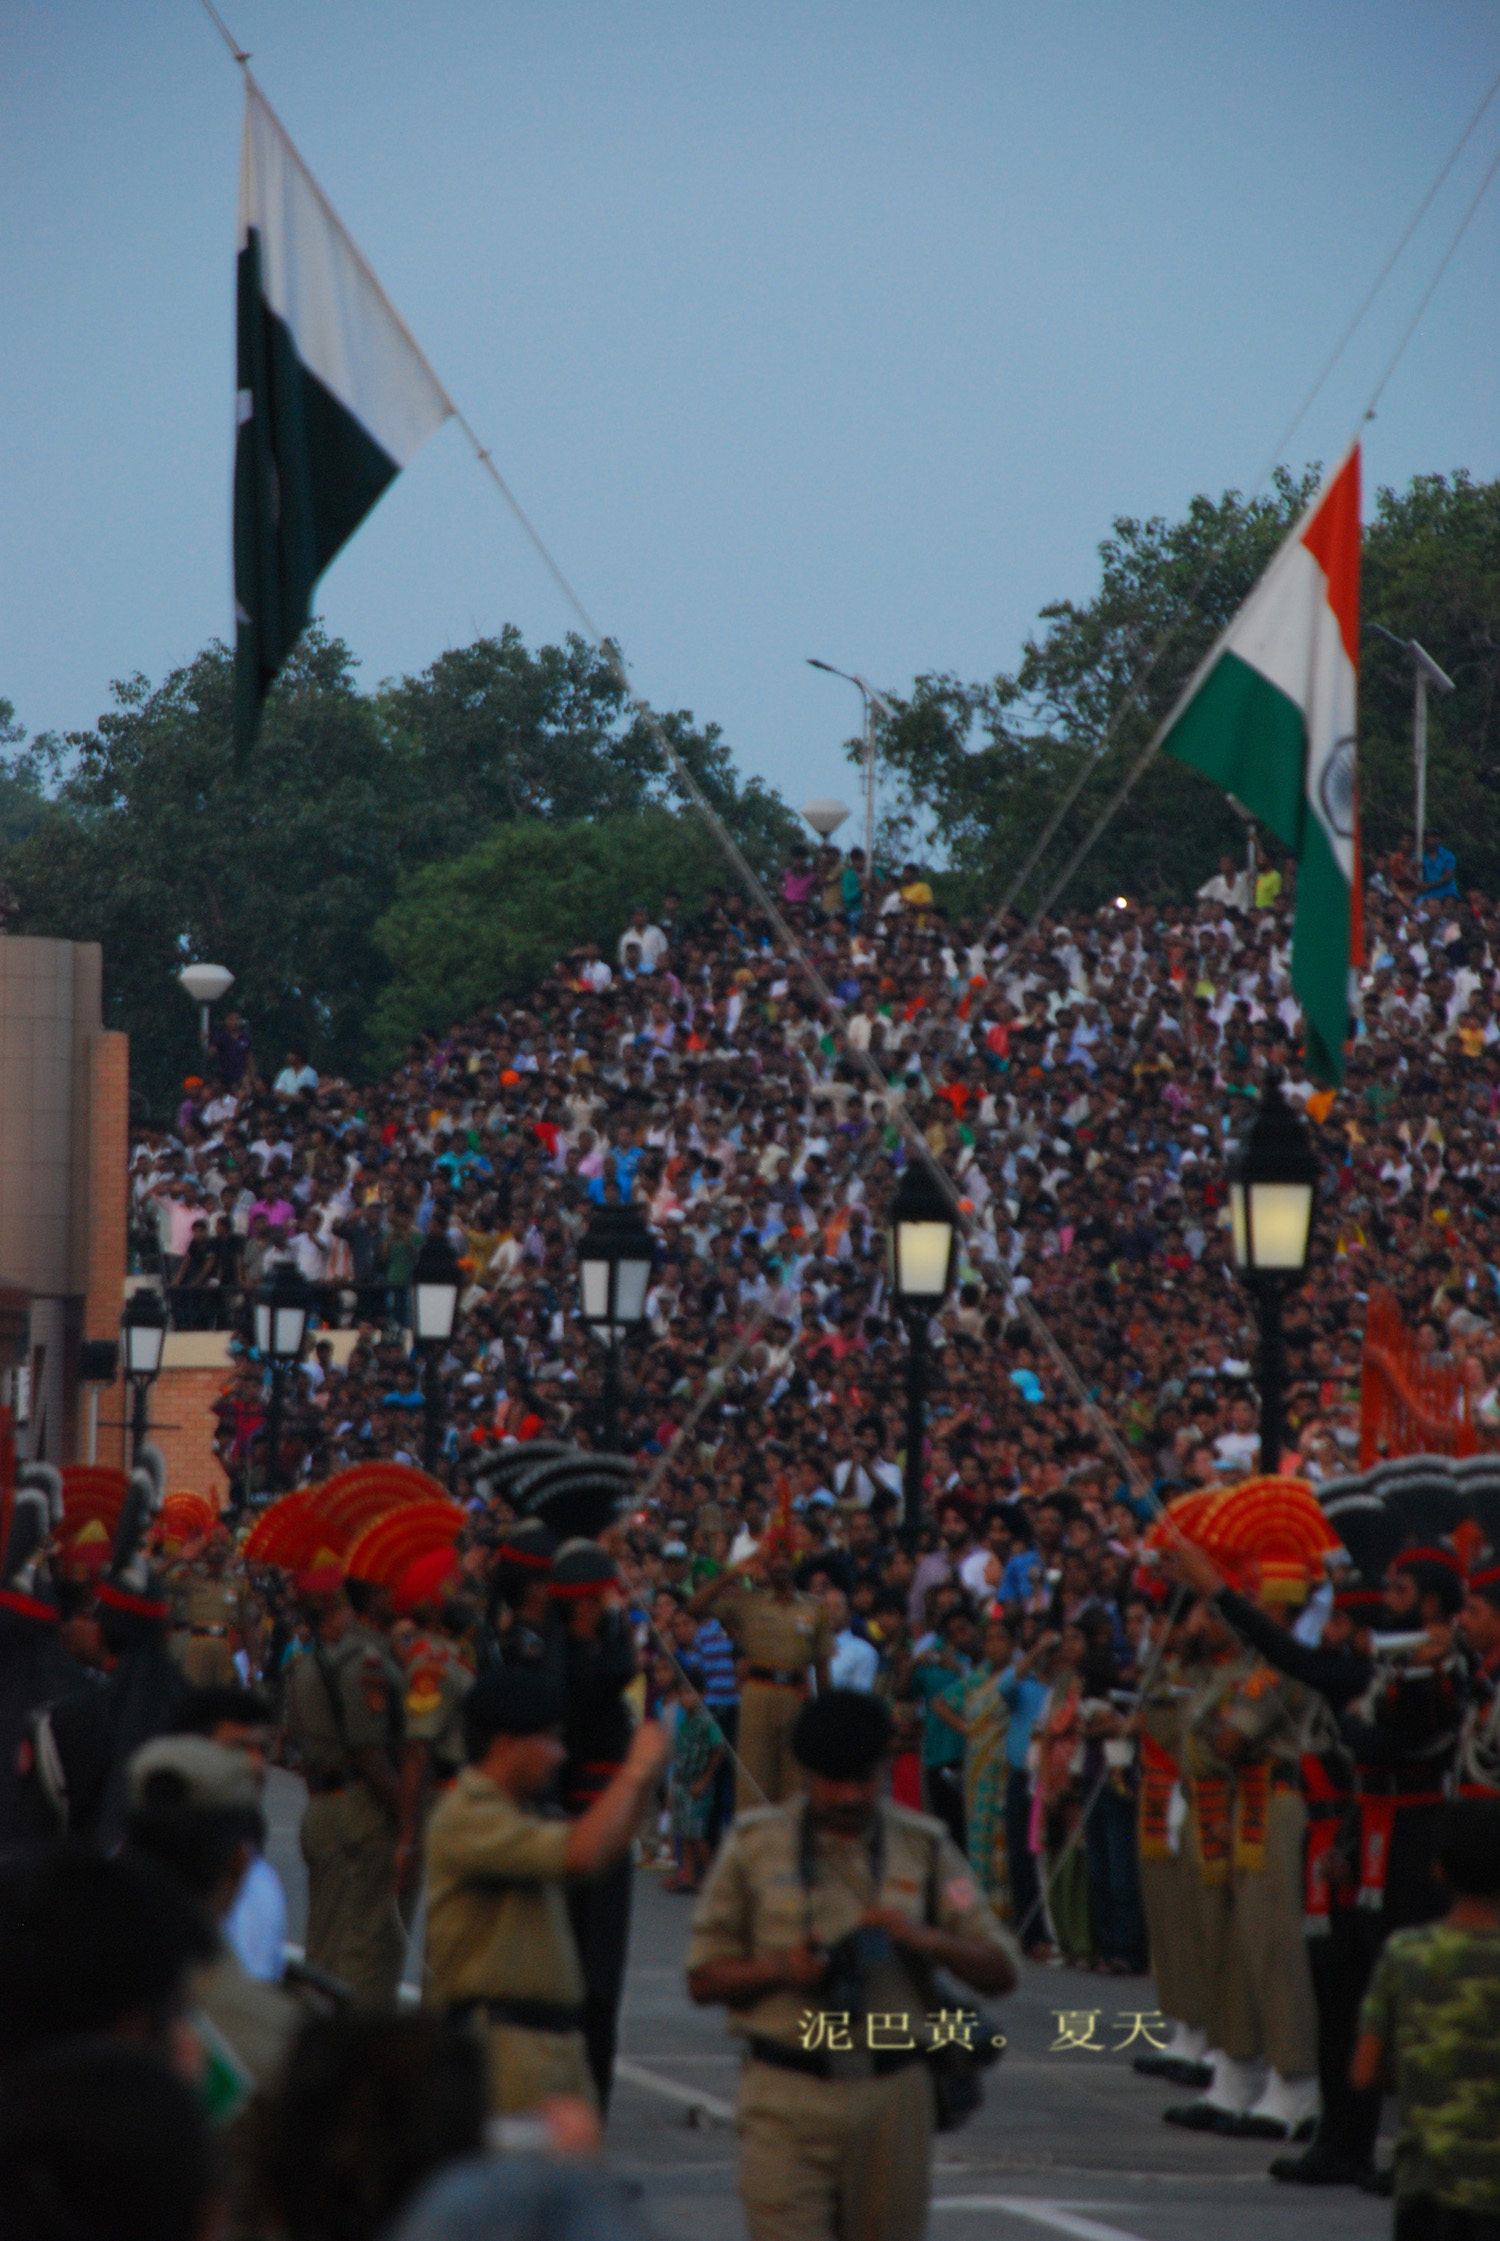 印巴邊境降旗儀式 | 泥巴黃。夏天